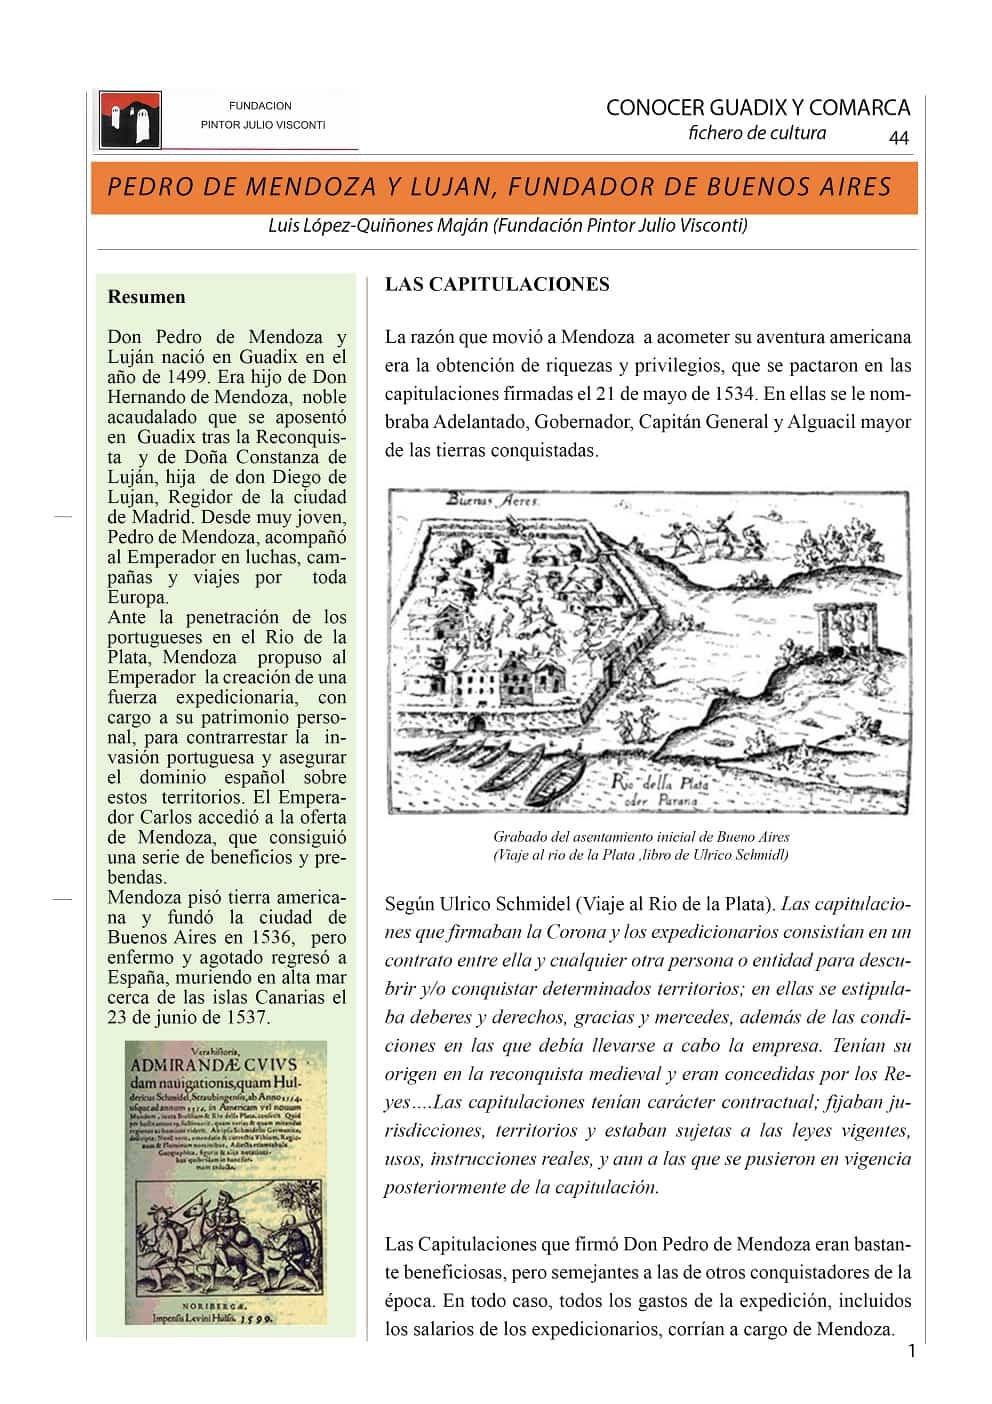 Pedro de Mendoza y Luján 1-min